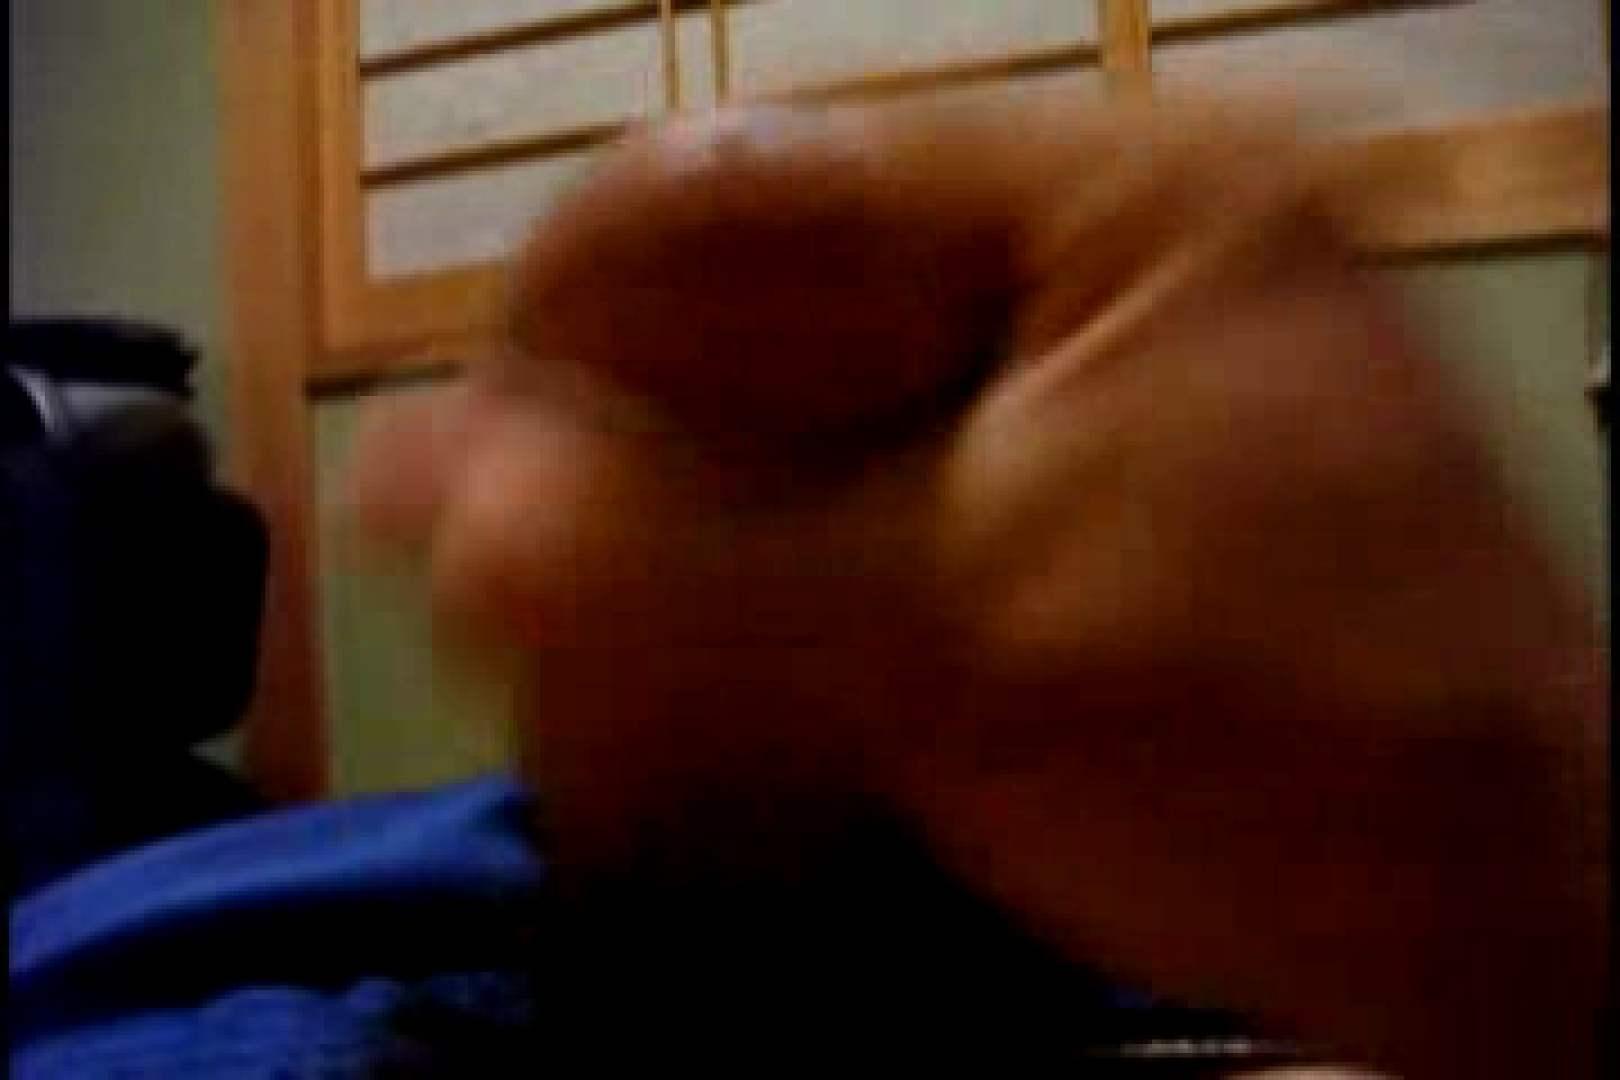 オナ好きノンケテニス部員の自画撮り投稿vol.02 流出  104pic 71